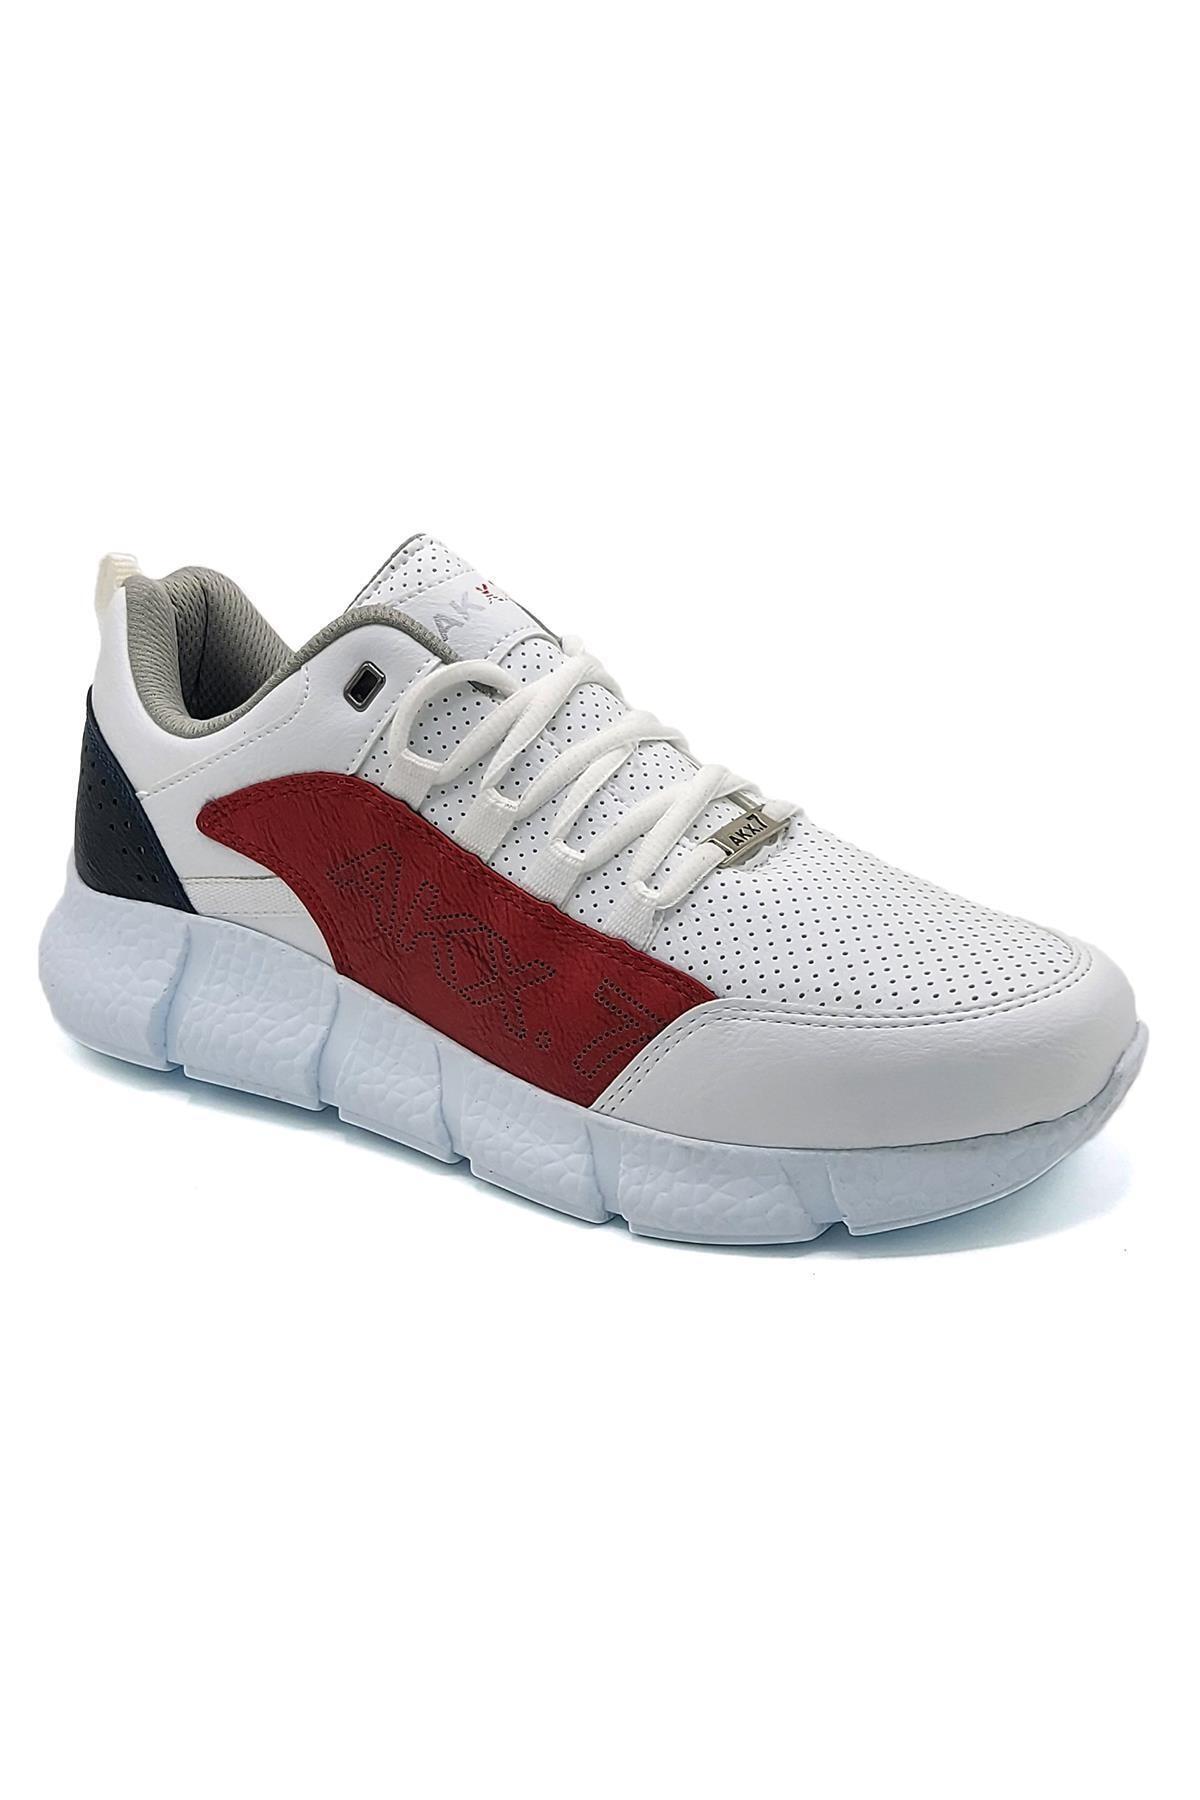 L.A Polo 021 Beyaz Kırmızı Beyaz Erkek Spor Ayakkabı 1